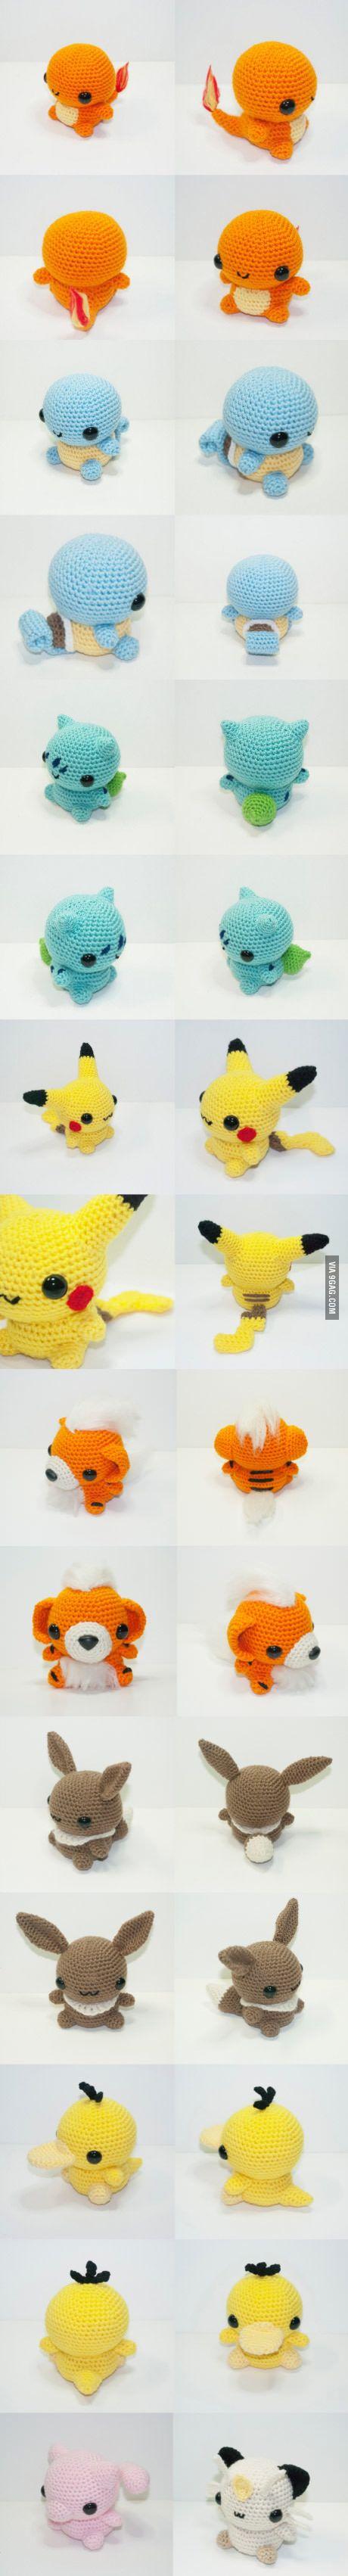 Starter Pokemon amigurumi